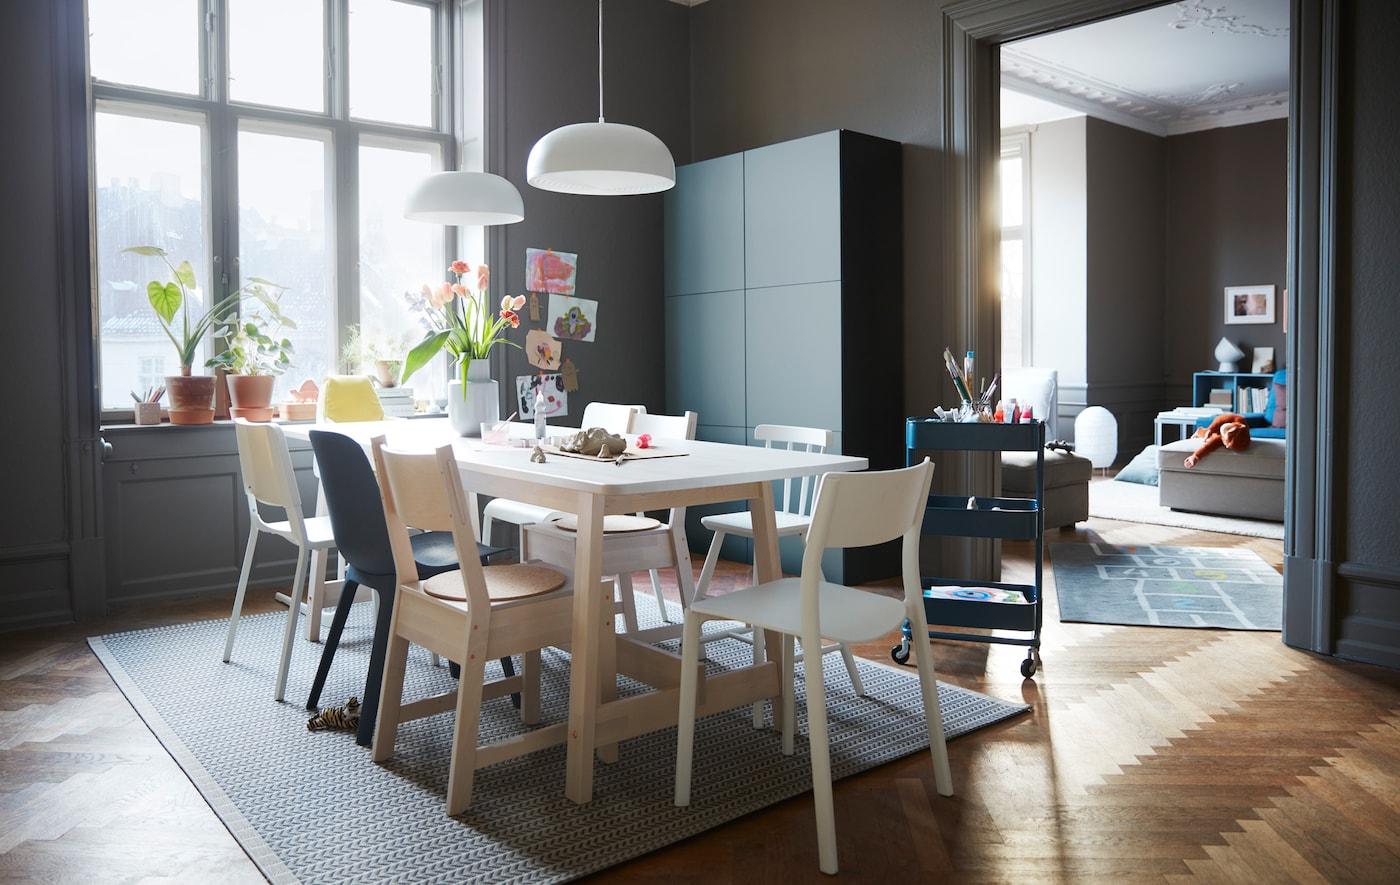 Lavori da casa? Riponi tutto il necessario in un sistema componibile BESTÅ di IKEA, come questa combinazione grigio/turchese a sei ante